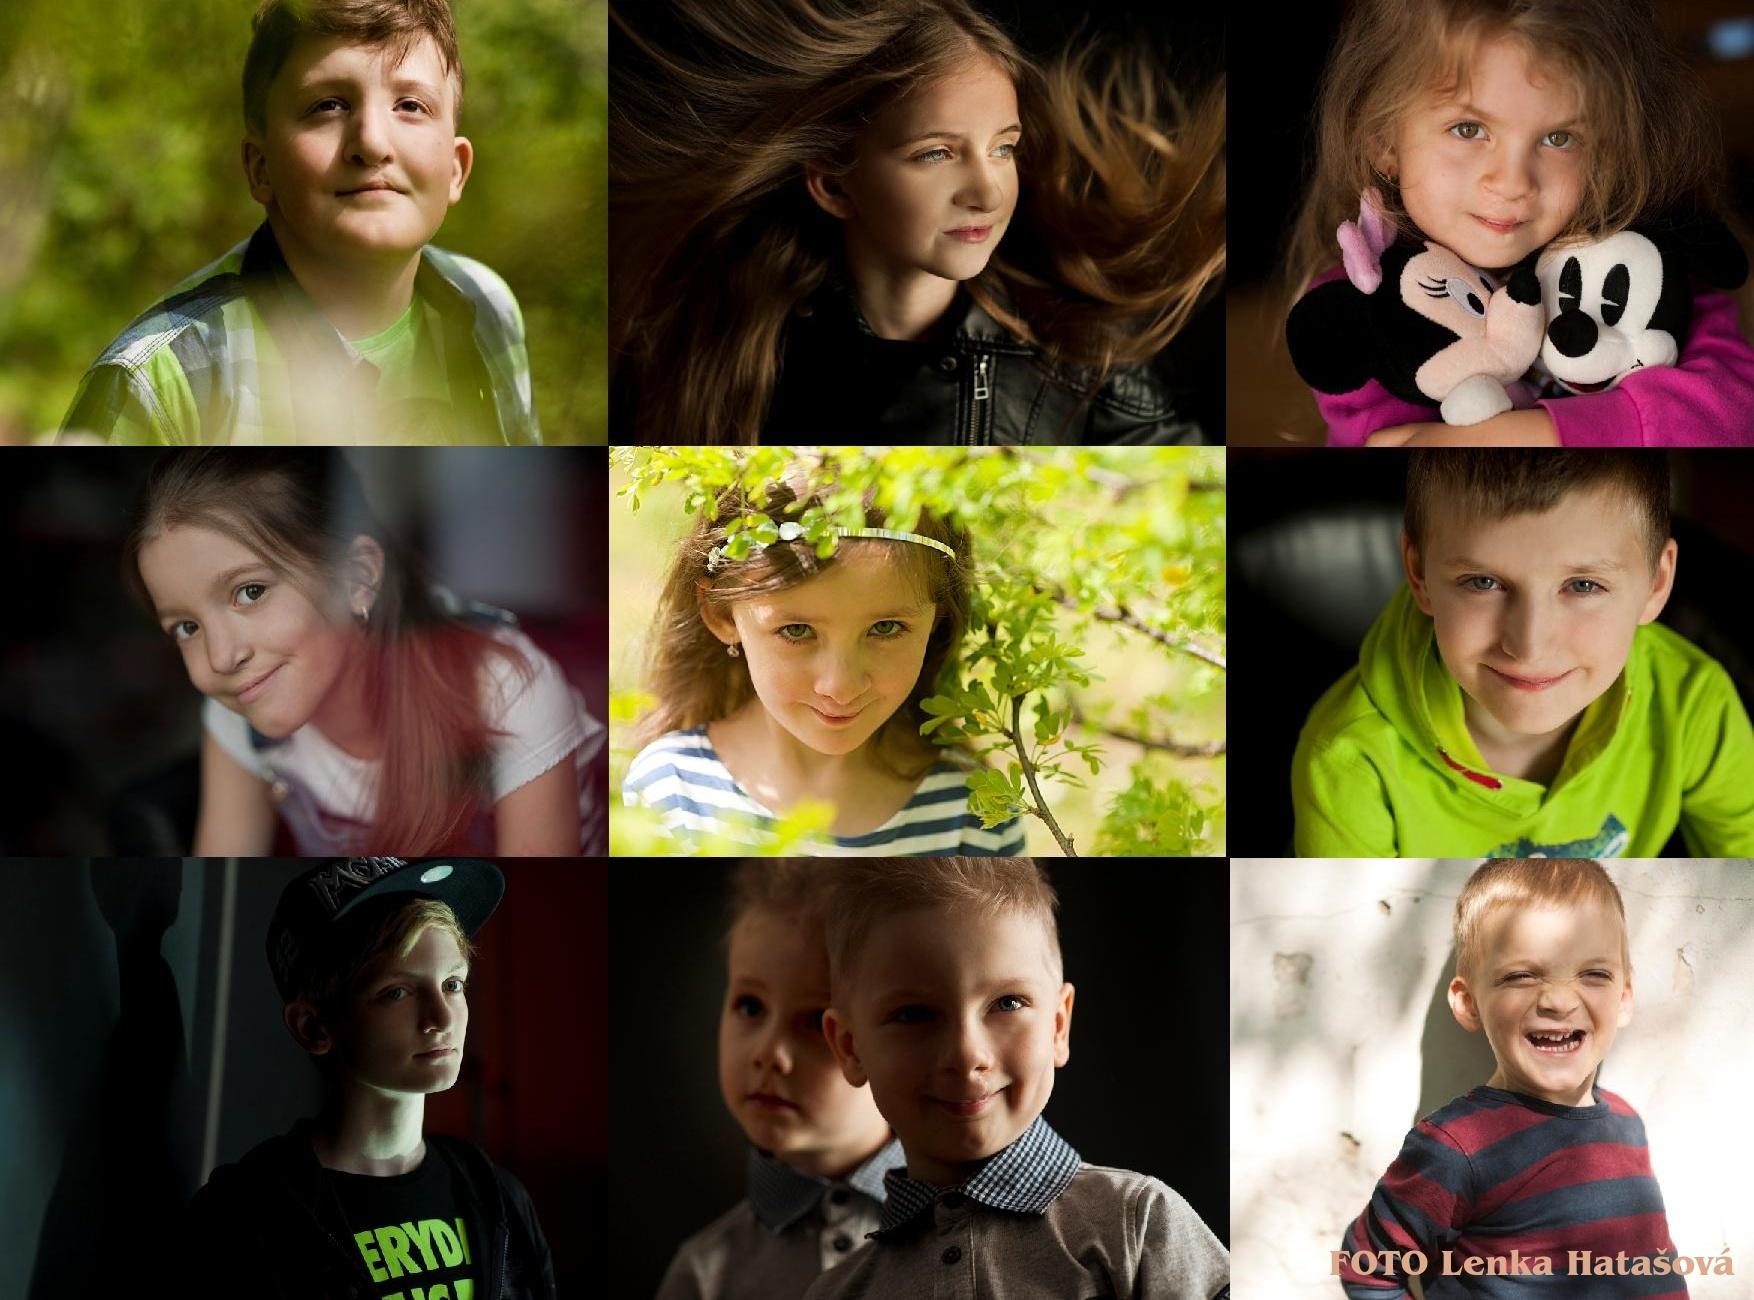 ... aby úsměv dětí s rozštěpem byl šťastný